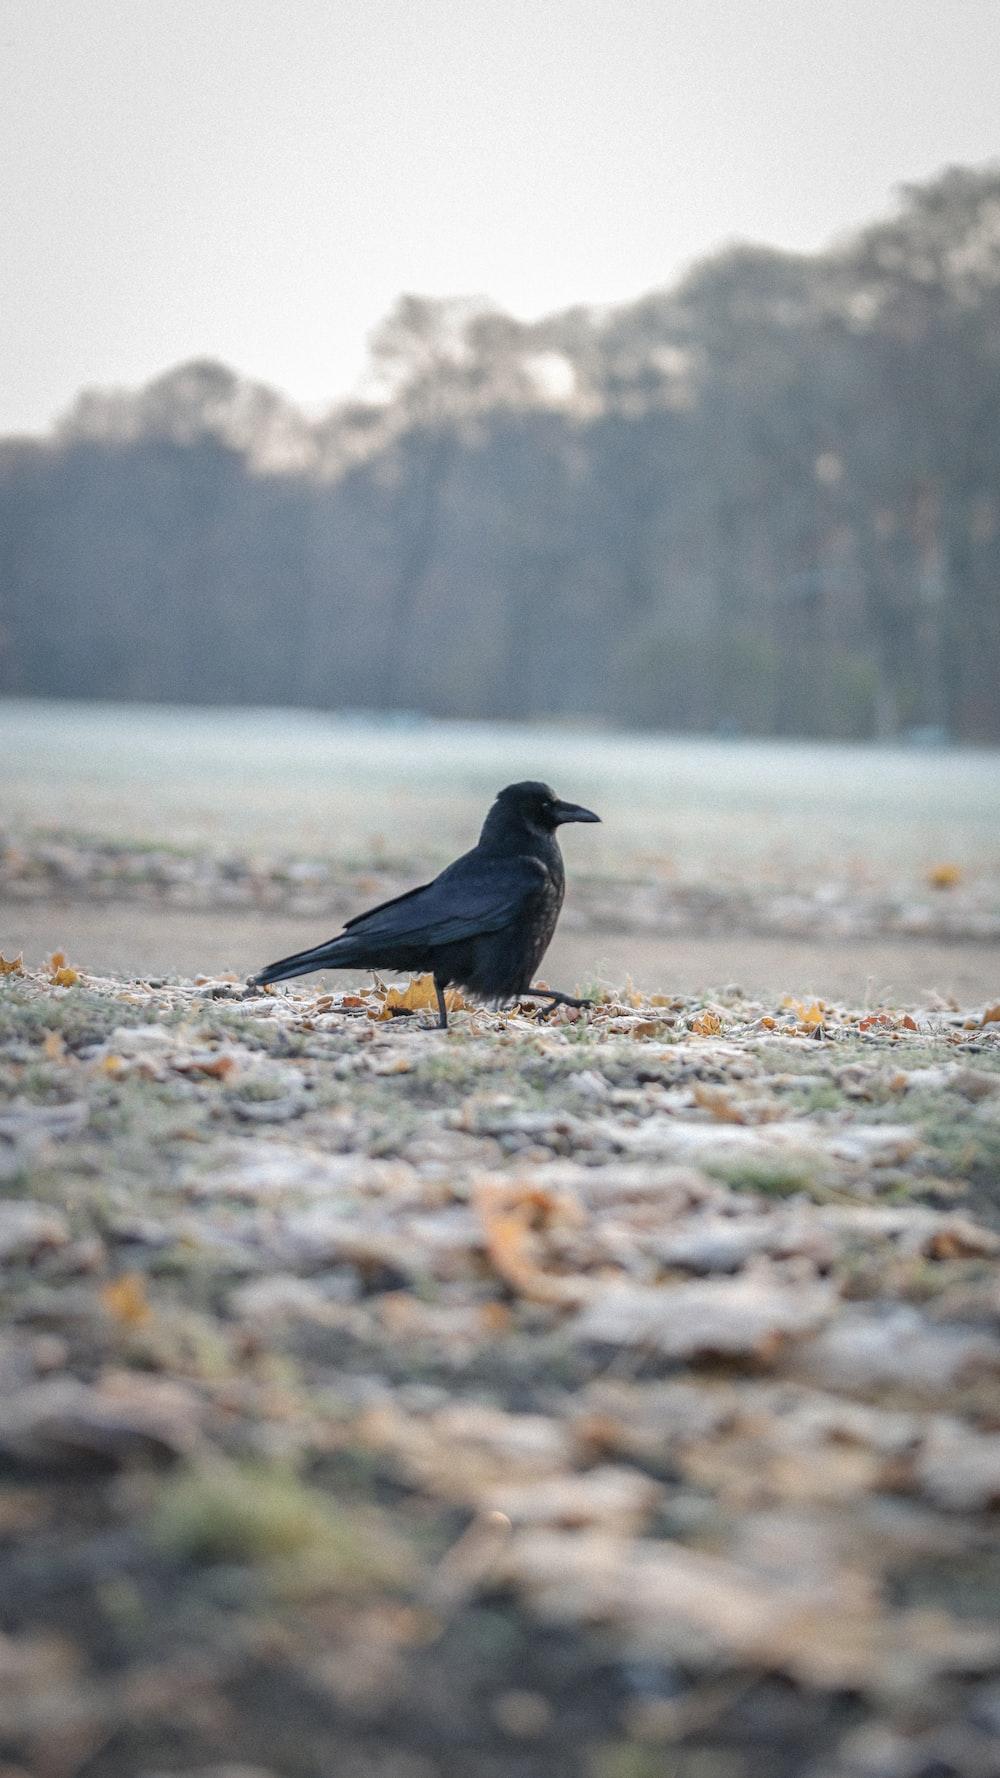 black bird on brown grass during daytime